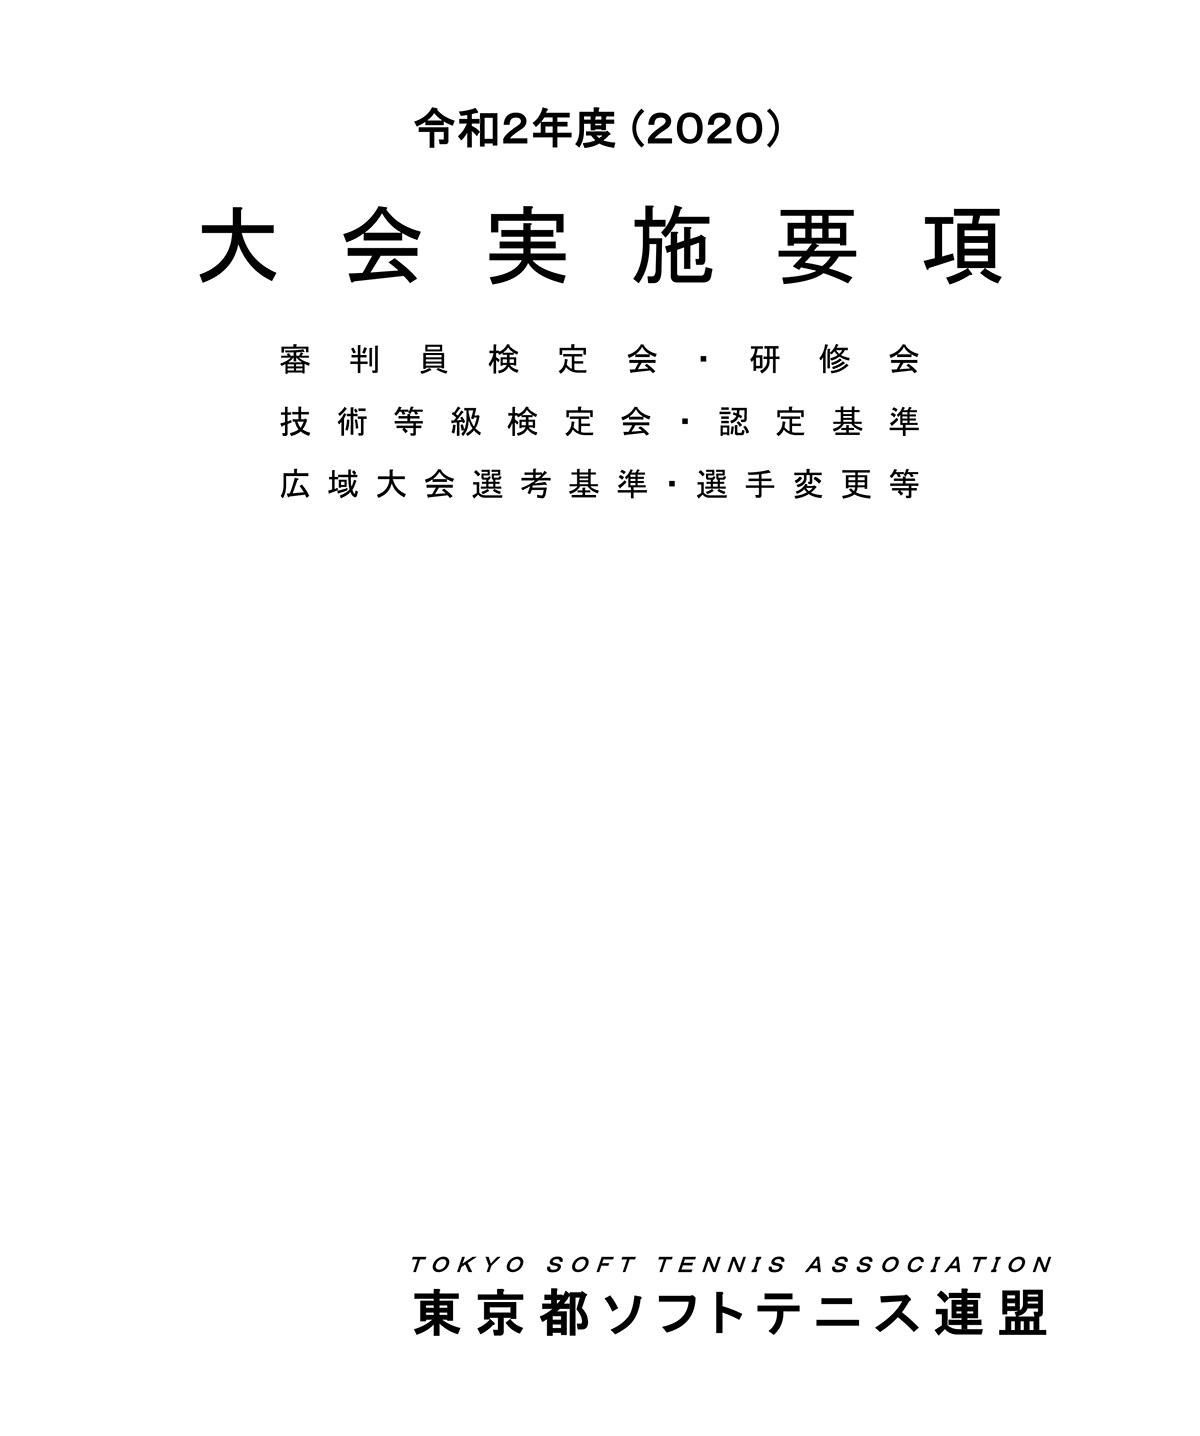 令和2年度(2020) 東京都大会要項